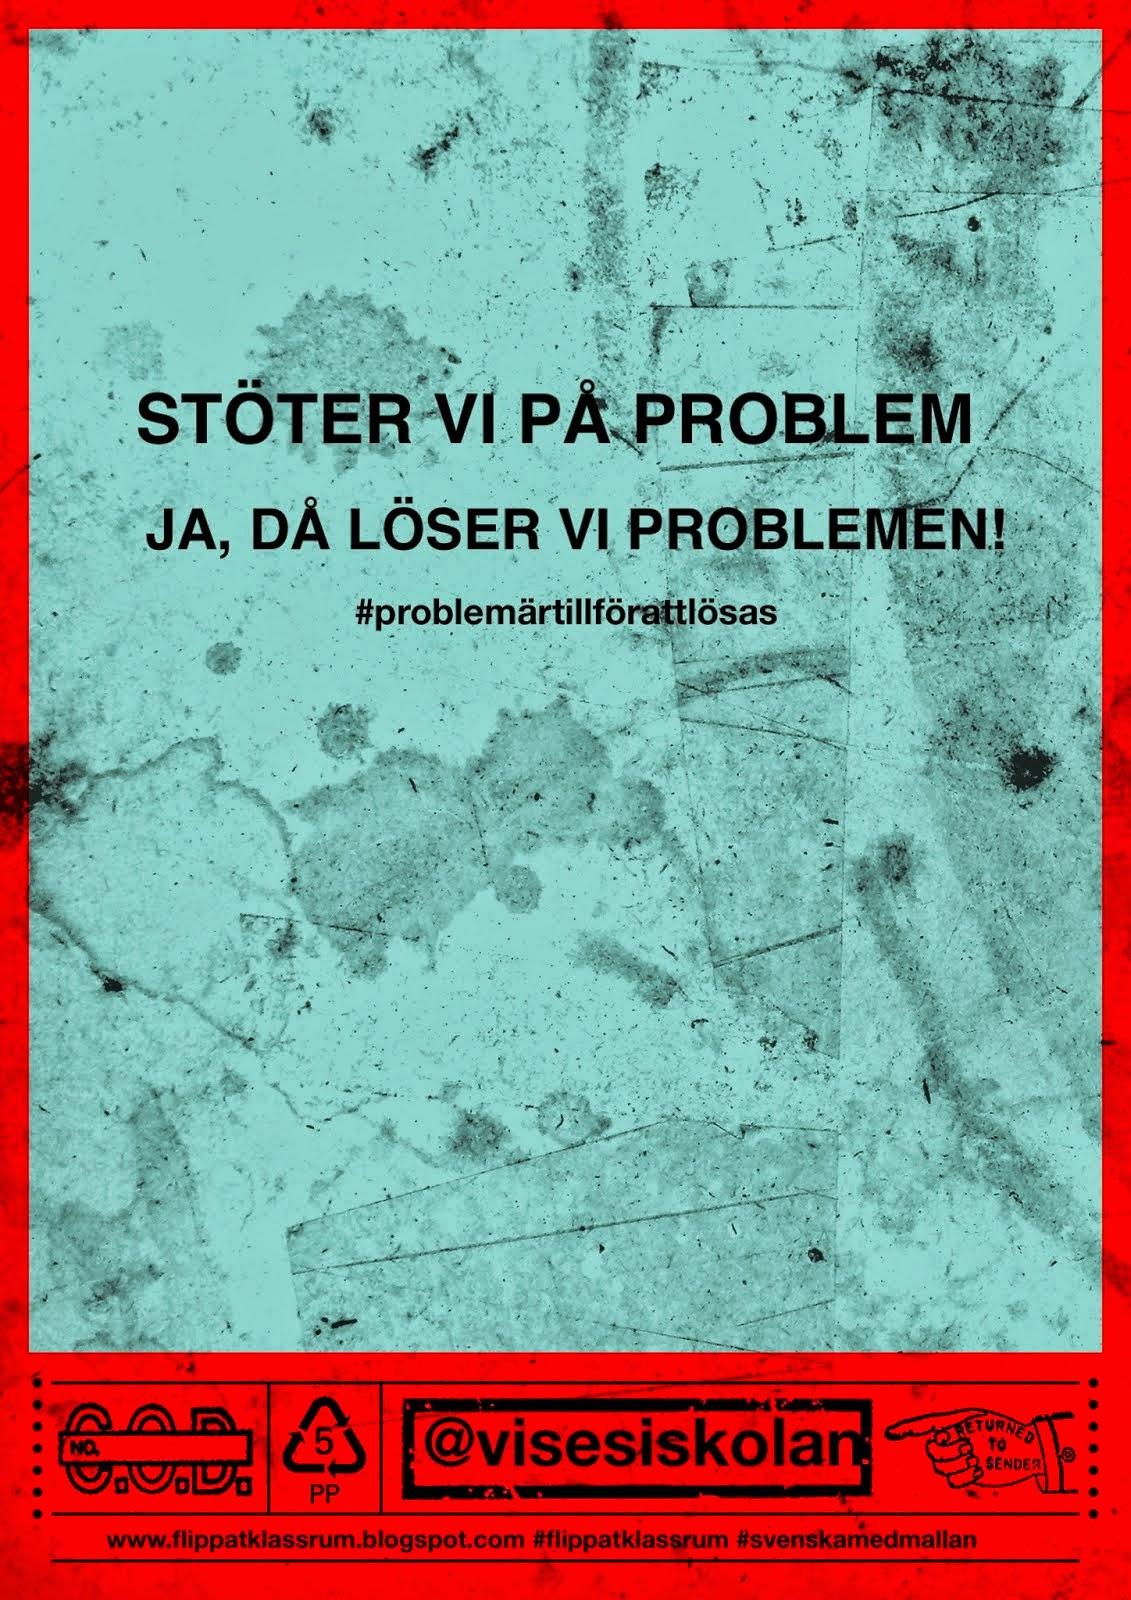 PROBLEM ÄR TILL FÖR ATT LÖSAS